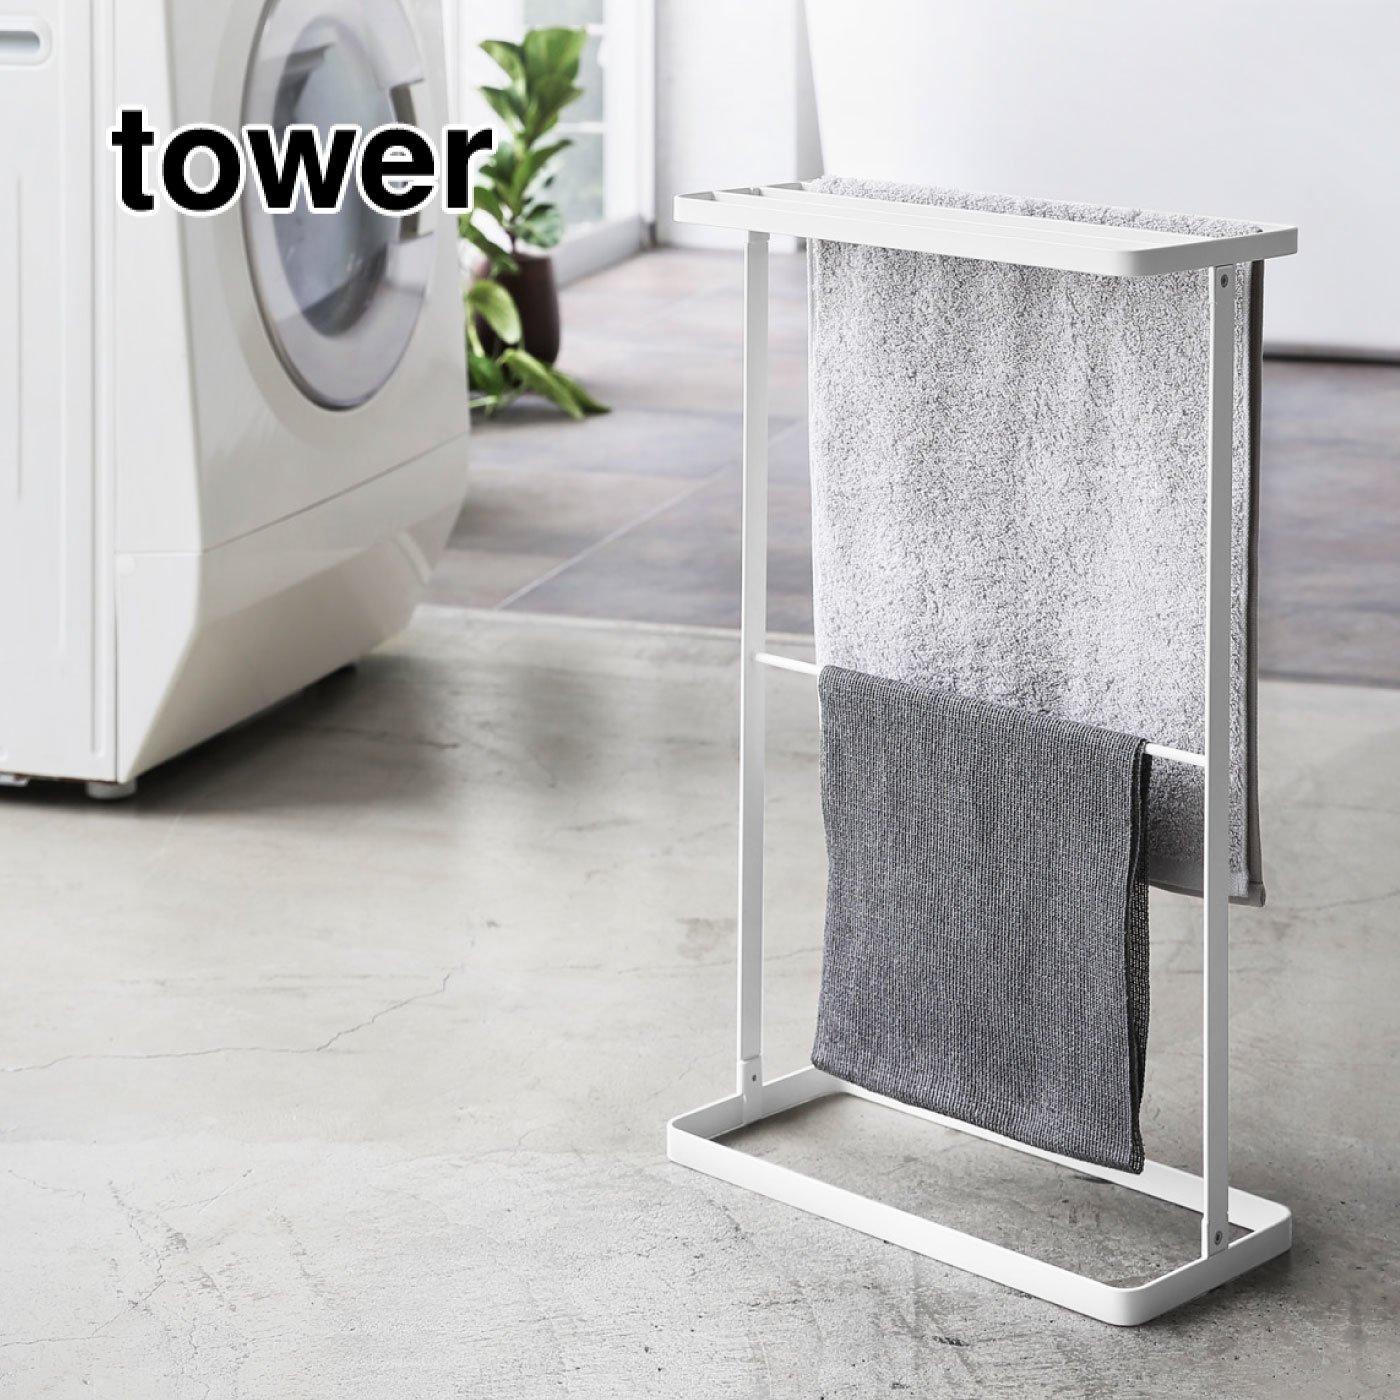 tower すっきりデザイン スリムバスタオルハンガー